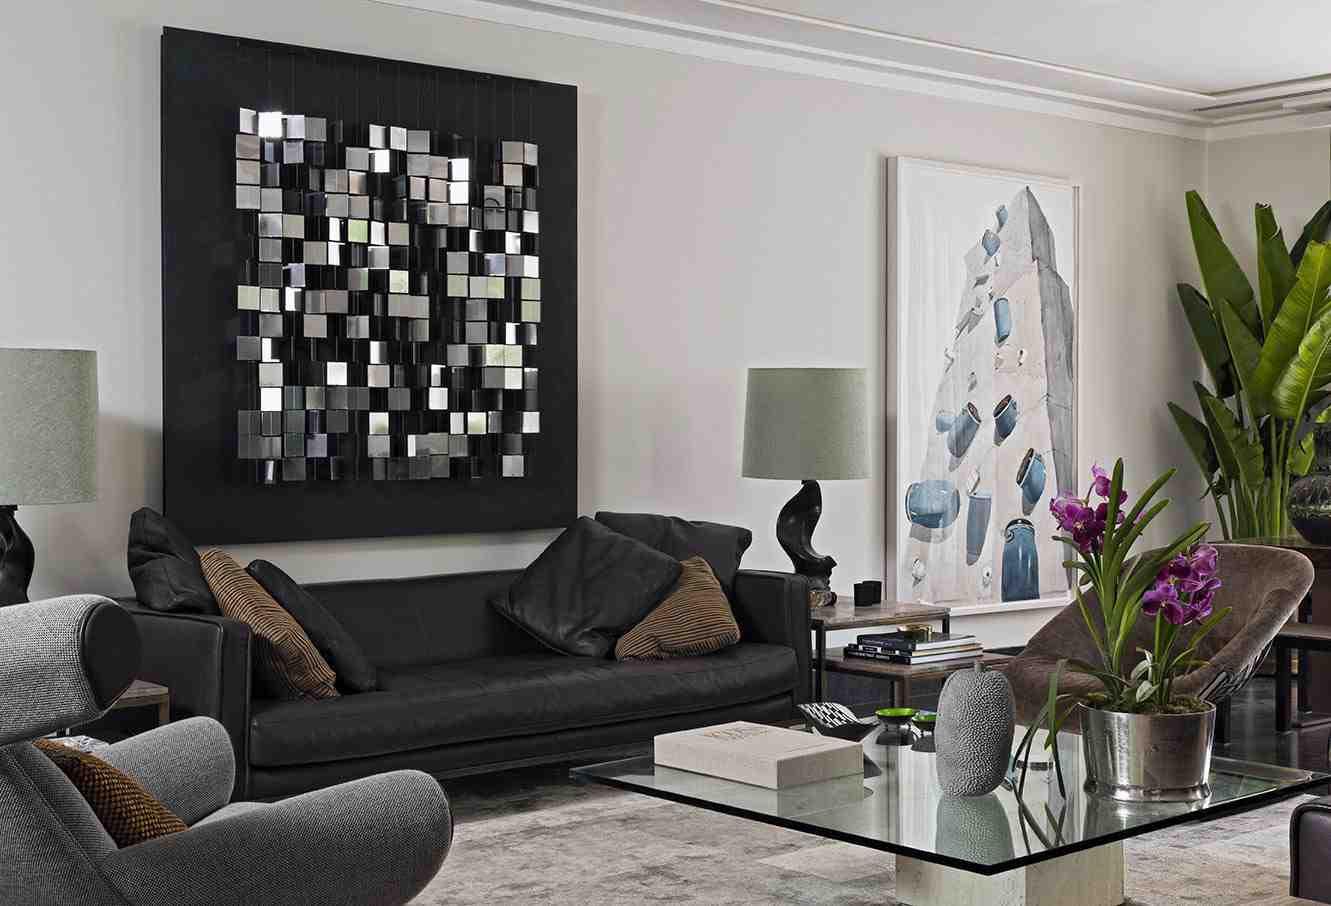 Living Room Wall Decor: 5 Options - Decor IdeasDecor Ideas